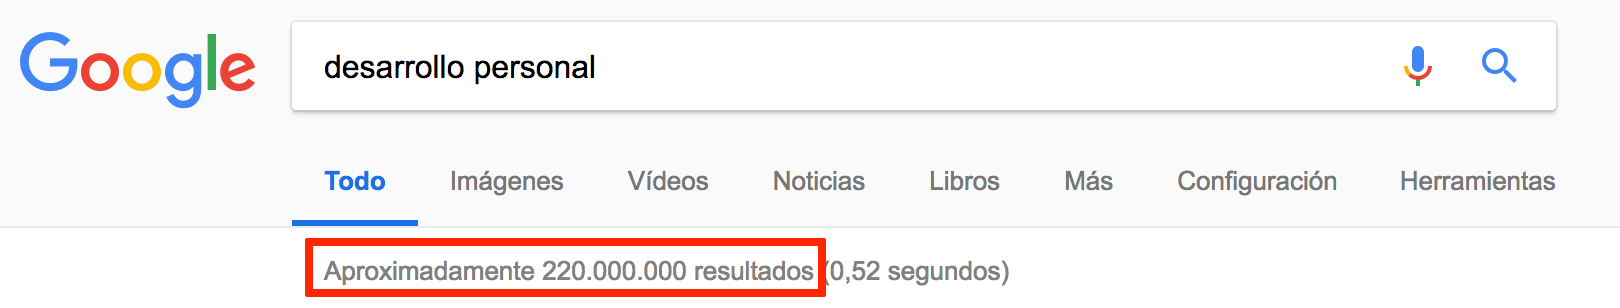 Resultados Google desarrollo personal